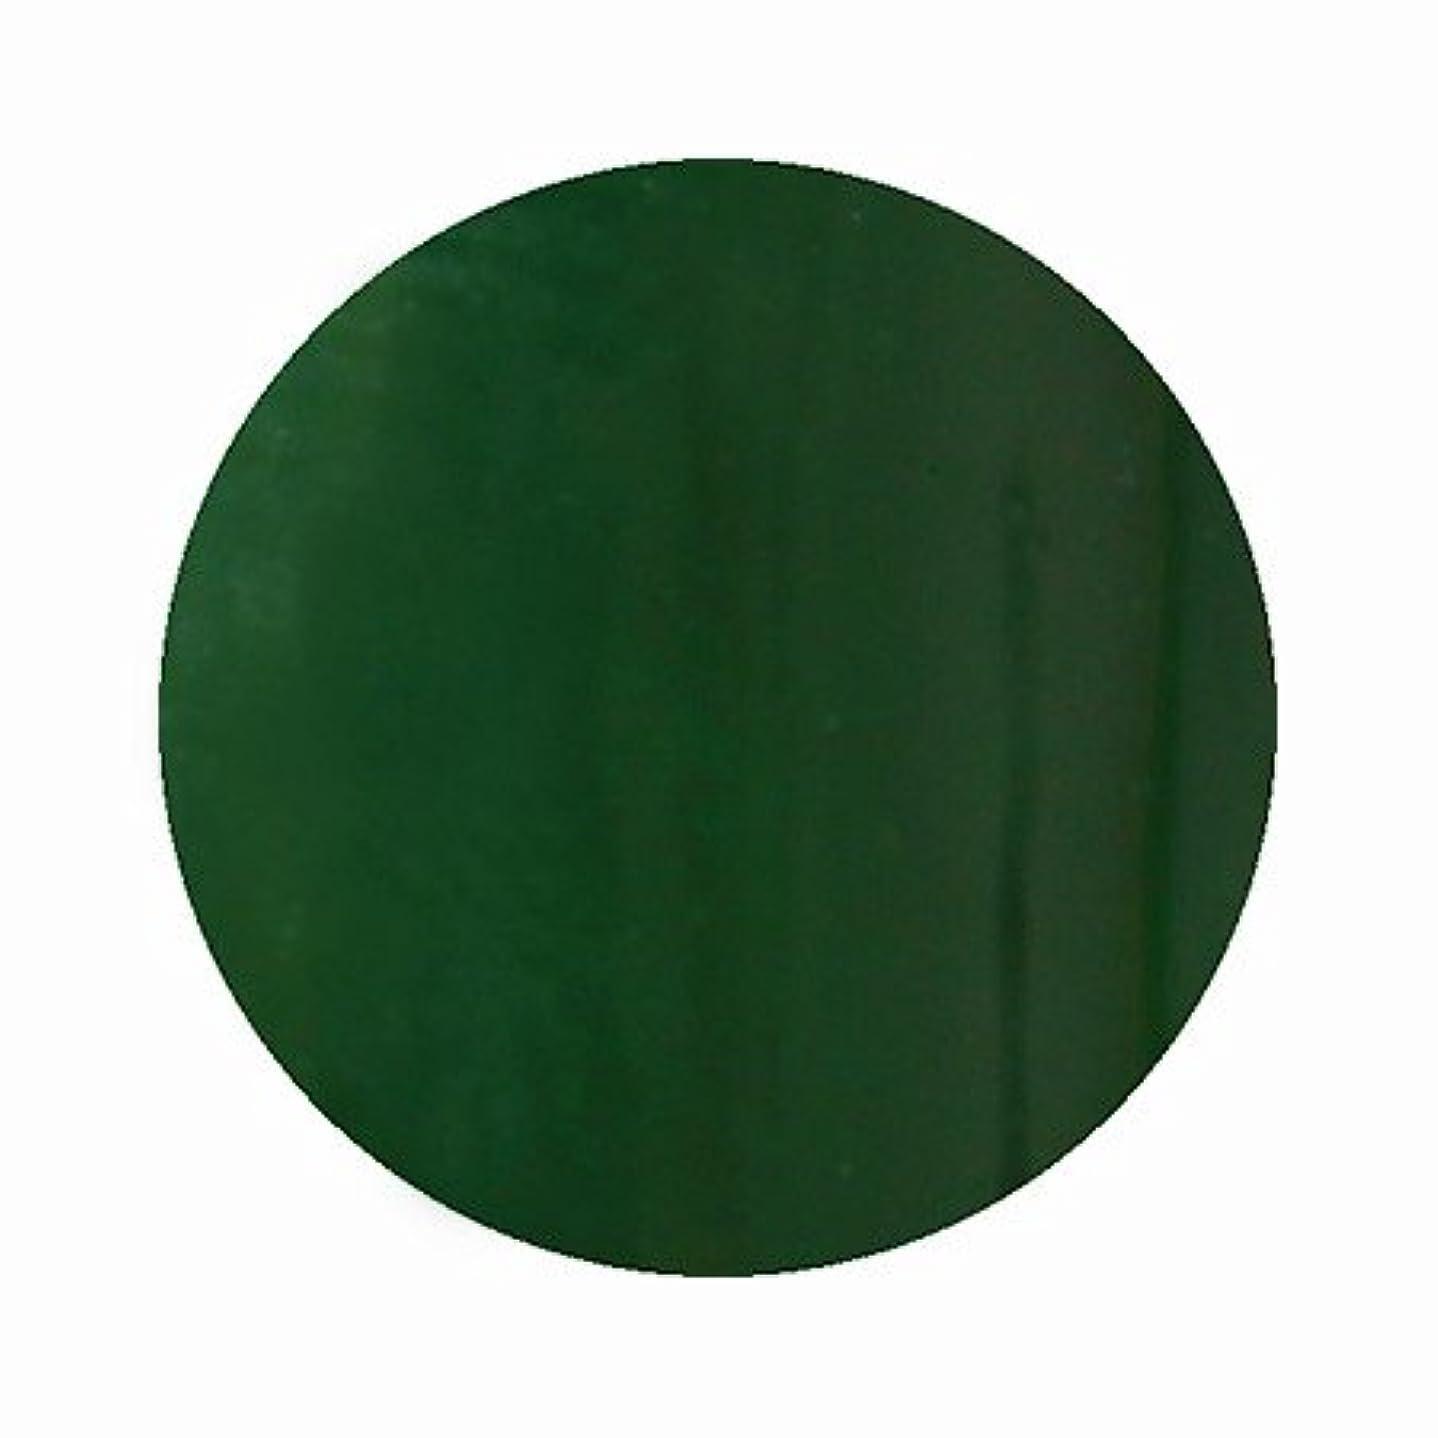 パラポリッシュ ハイブリッドカラージェル V9 モスグリーン 7g